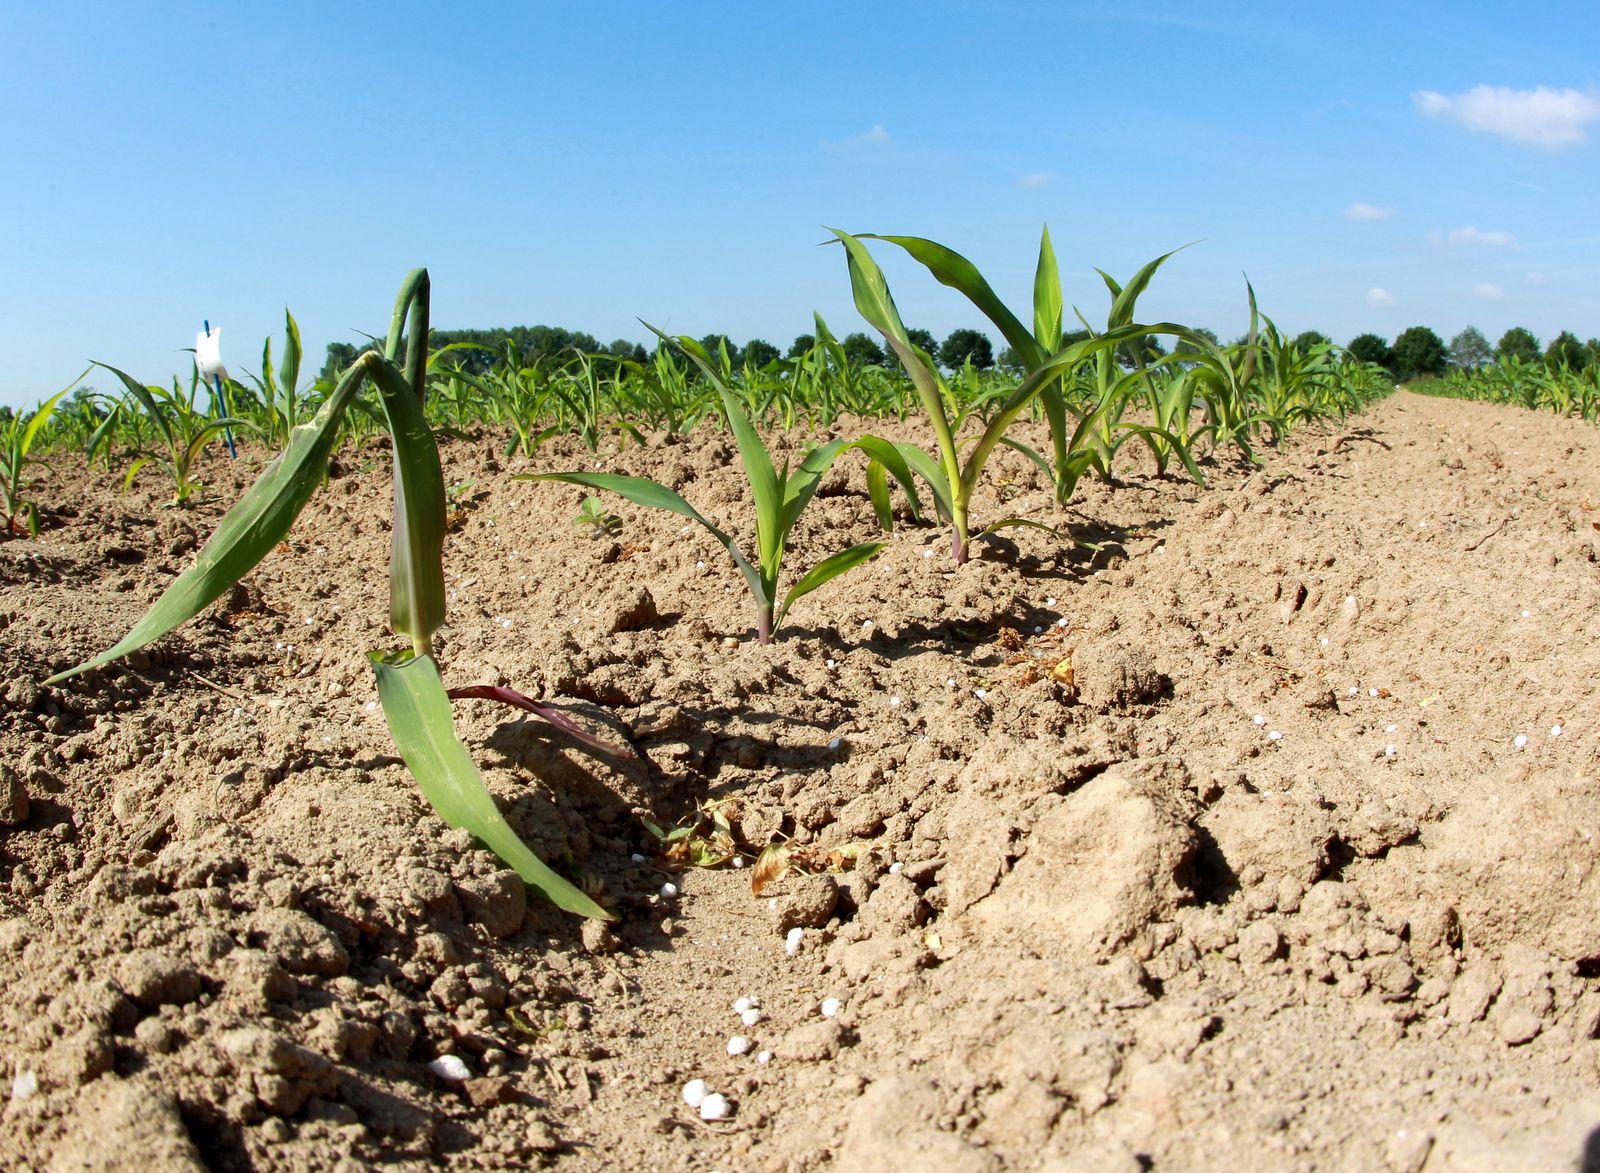 Dürre / Trockenheit / Ernte / Mais